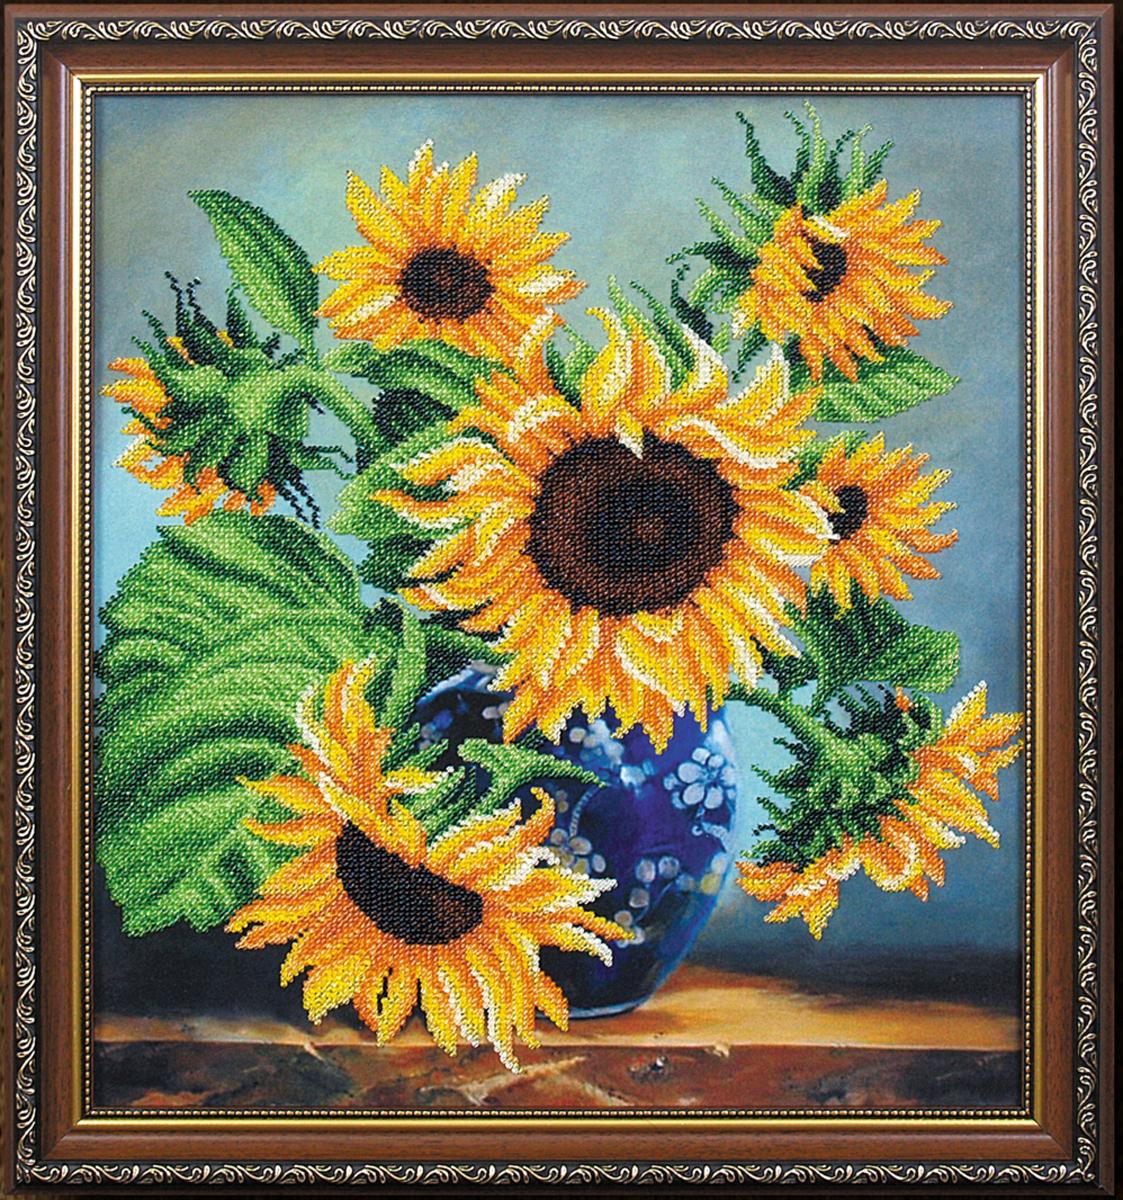 Набор для вышивания бисером Магия канвы Солнечная поэзия, 36 х 32 см695241Наборы для вышивания бисером Магия канвы - это качественные материалы и красивые сюжеты, которые помогут вам создать маленькое чудо. В состав набора для вышивания бисером Солнечная поэзия входит: уплотненная ткань с нанесенным рисунком, бисер Preciosa (Чехия) - 14 цветов, игла, инструкция.